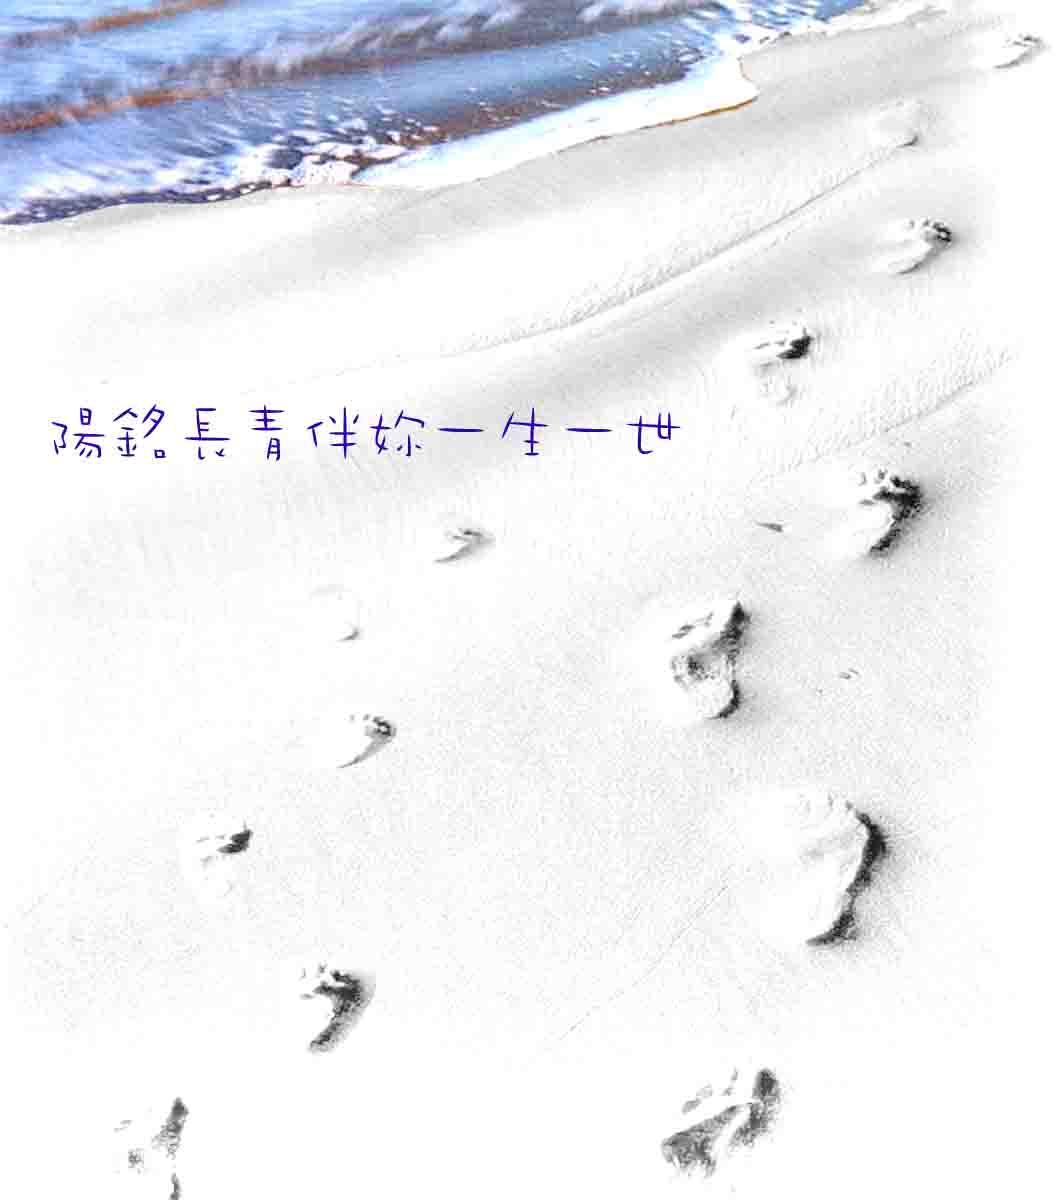 後標-2.jpg